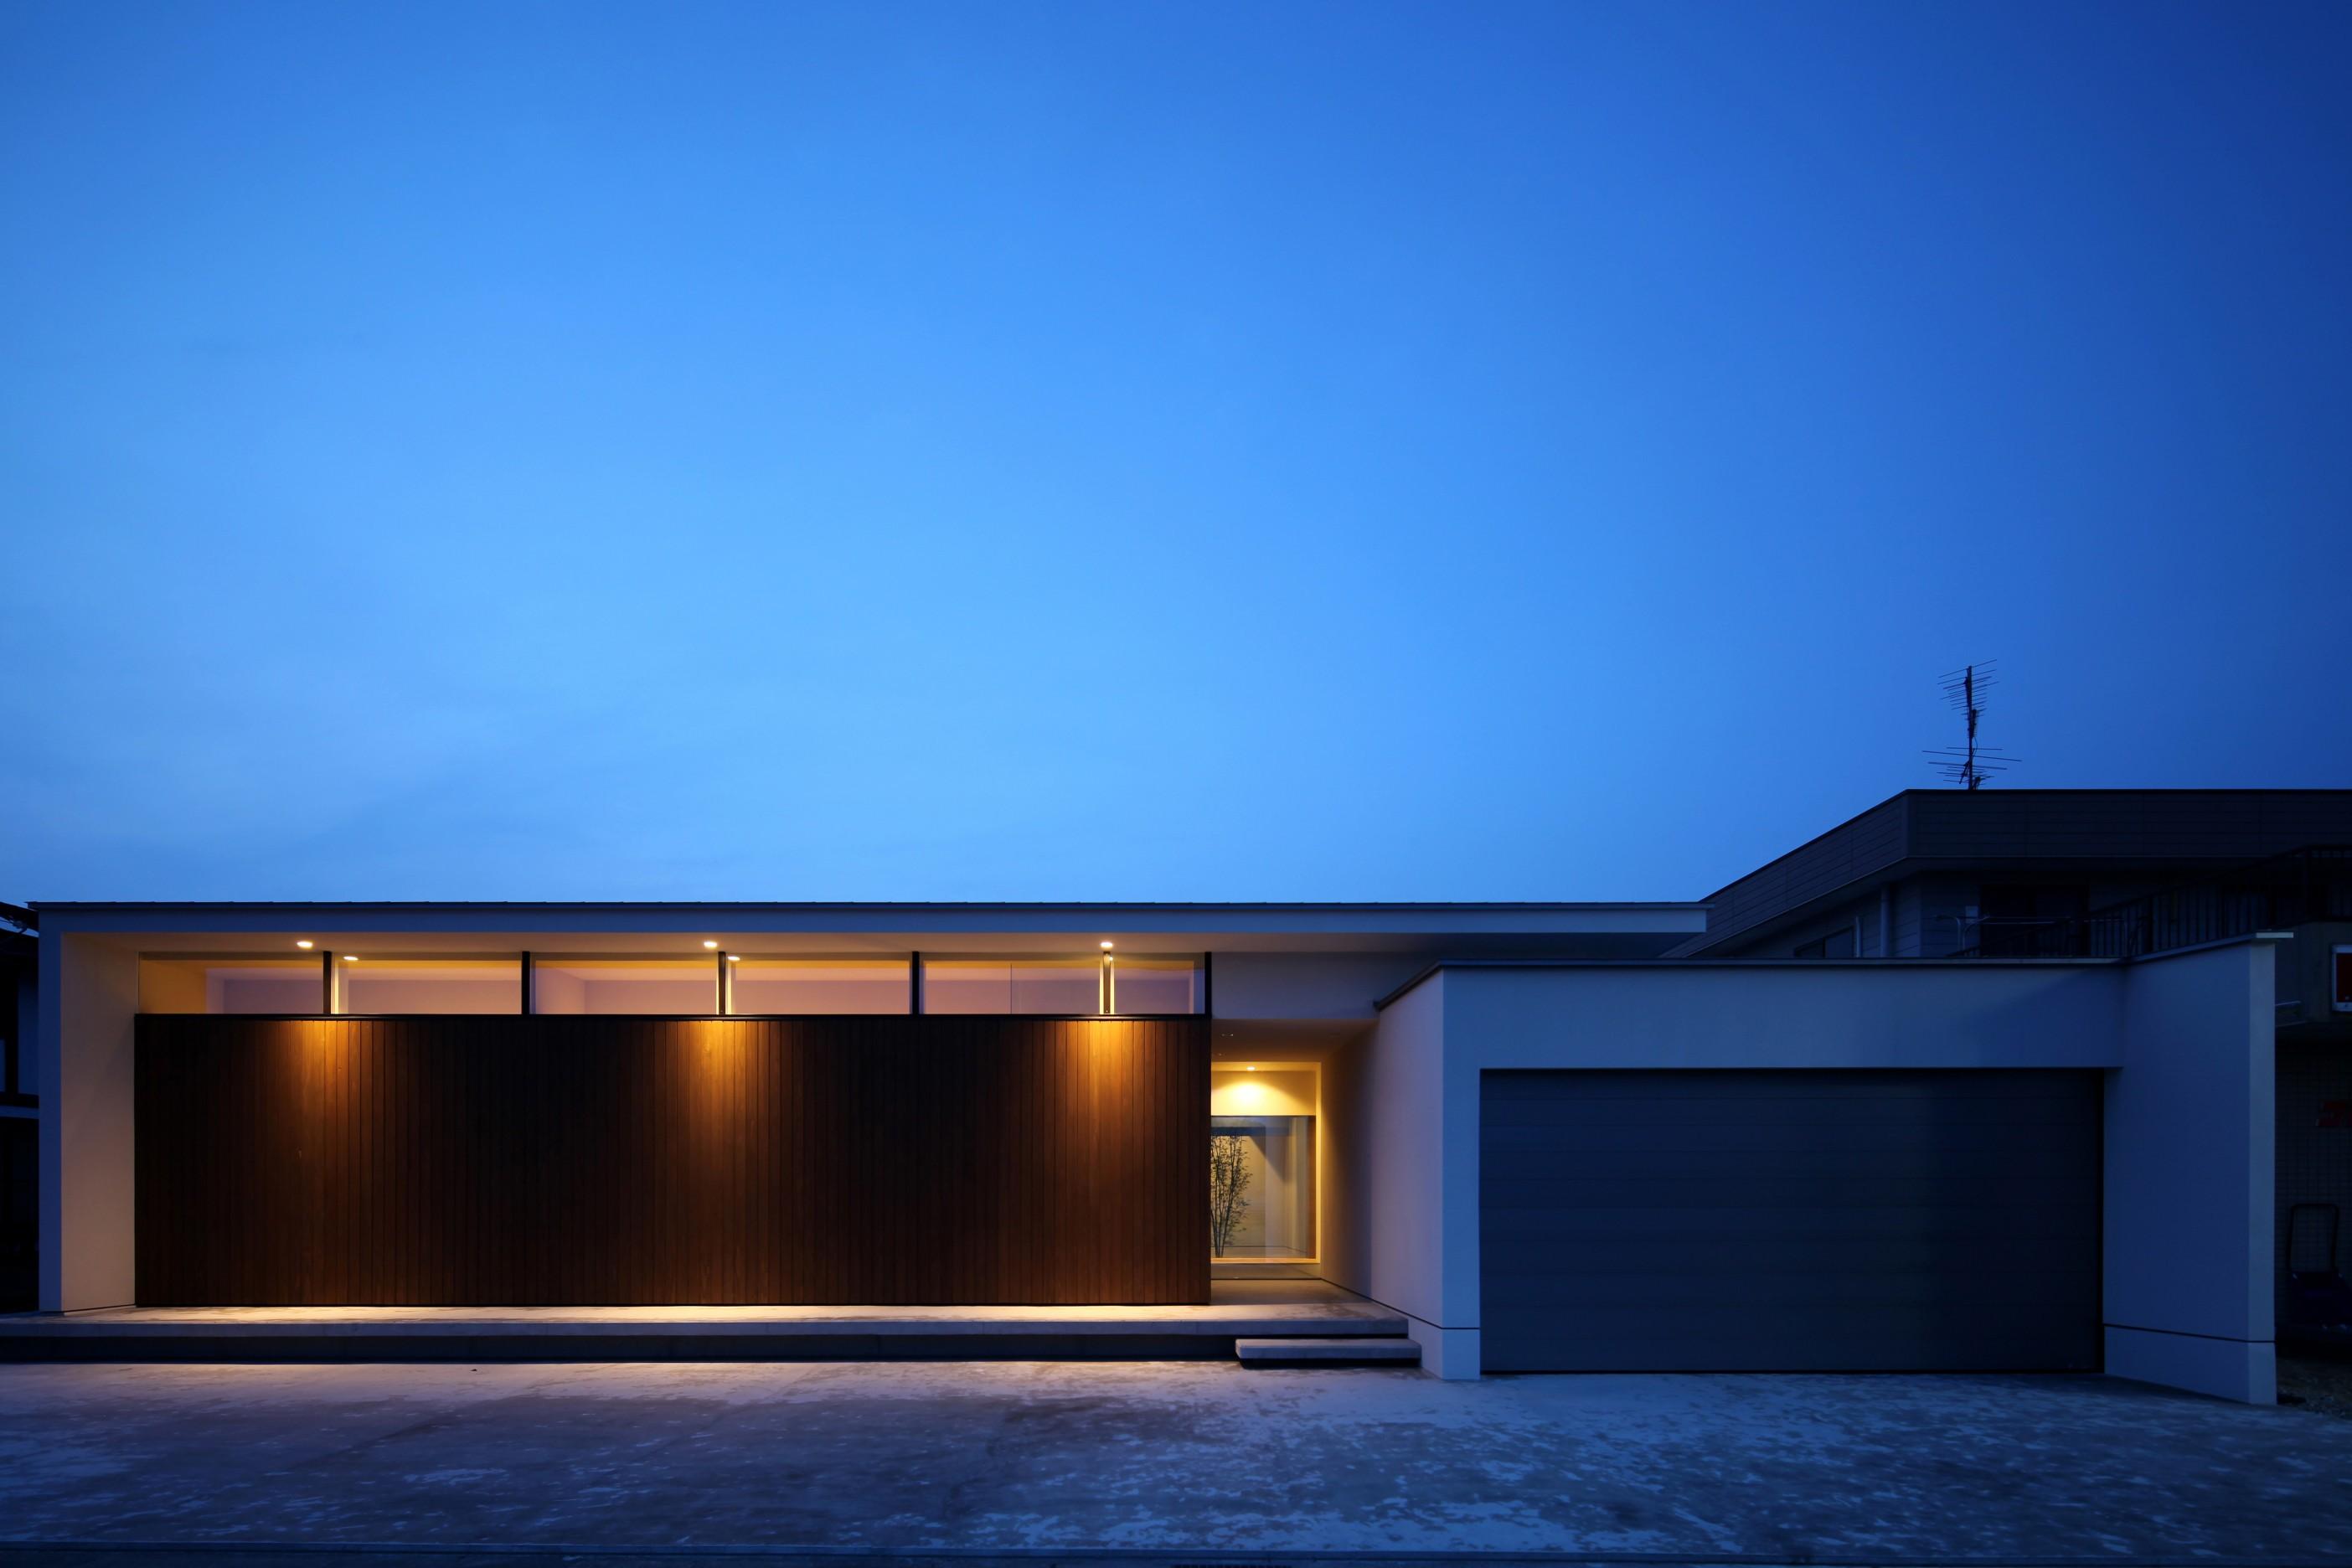 外観事例:人を迎え入れるファサード(保月の家(ほづきのいえ)~お店のようなアプローチ空間~)